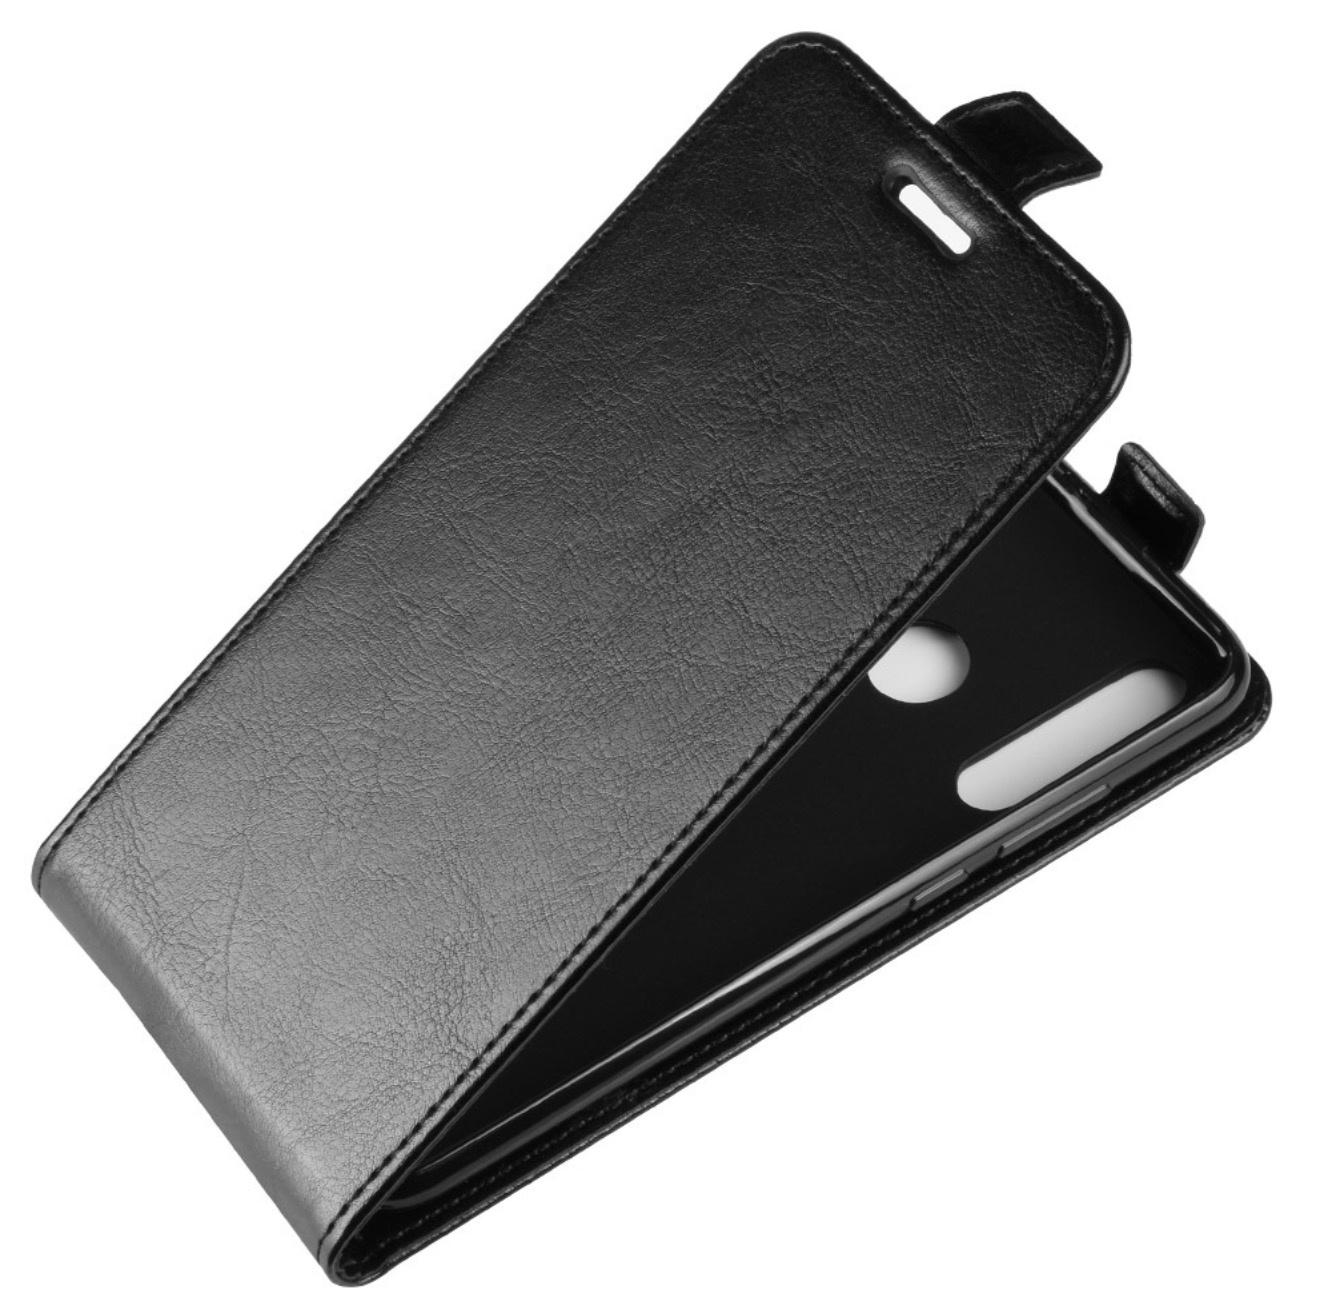 Чехол-флип MyPads для Micromax Canvas A1 вертикальный откидной черный смартфон micromax q4251 canvas juice a1 4g 8gb champagne gold